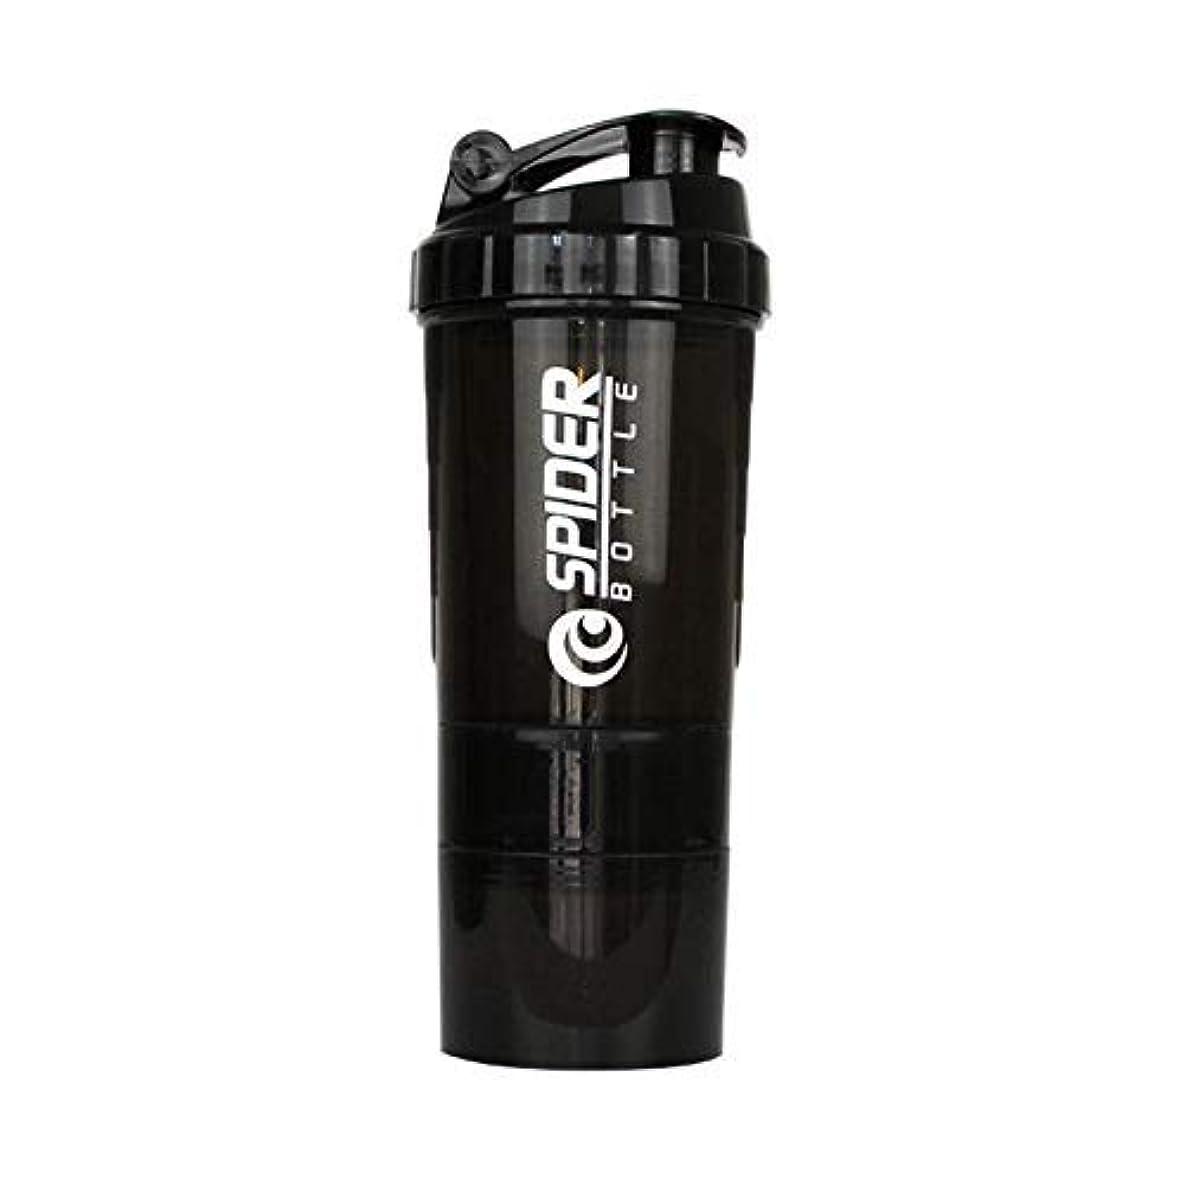 ペストリーレールトレーニングブレンダーボトル プロテインシェイカー 500ml シェーカーボトル (ブラック)